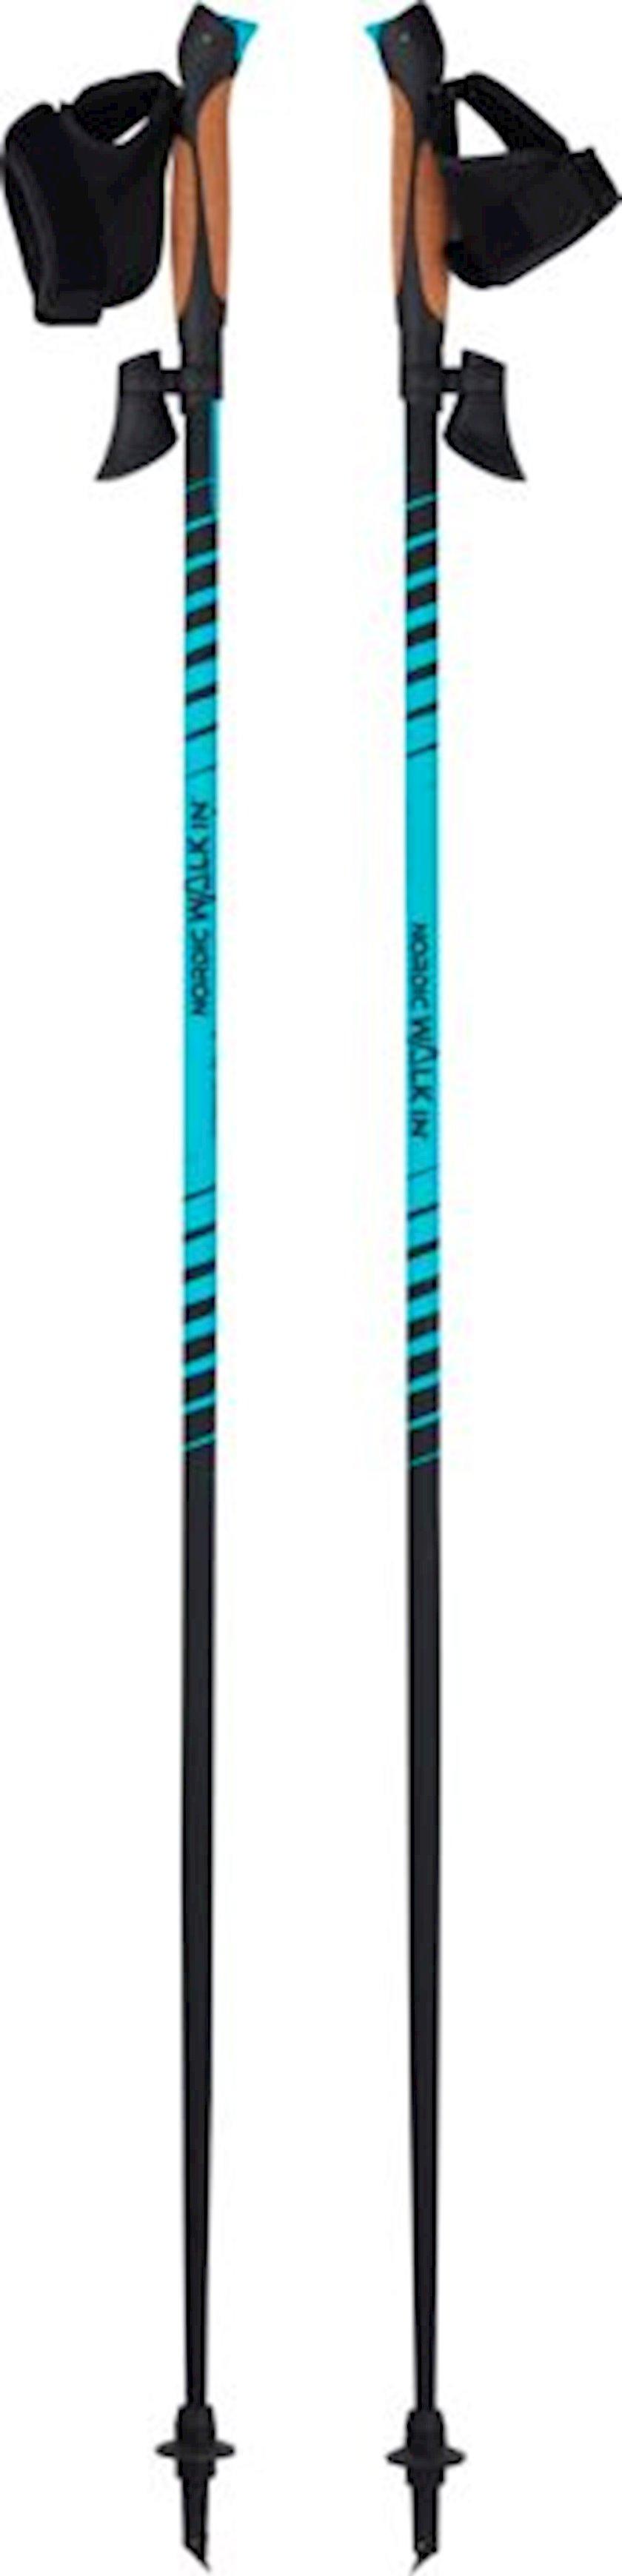 Skandinaviya yürüyüşü üçün çubuqlar Wanabee Nordic 60 X2 Hiking Poles, uniseks, 2 ədəd, qara/göy/narıncı, ölçü 115